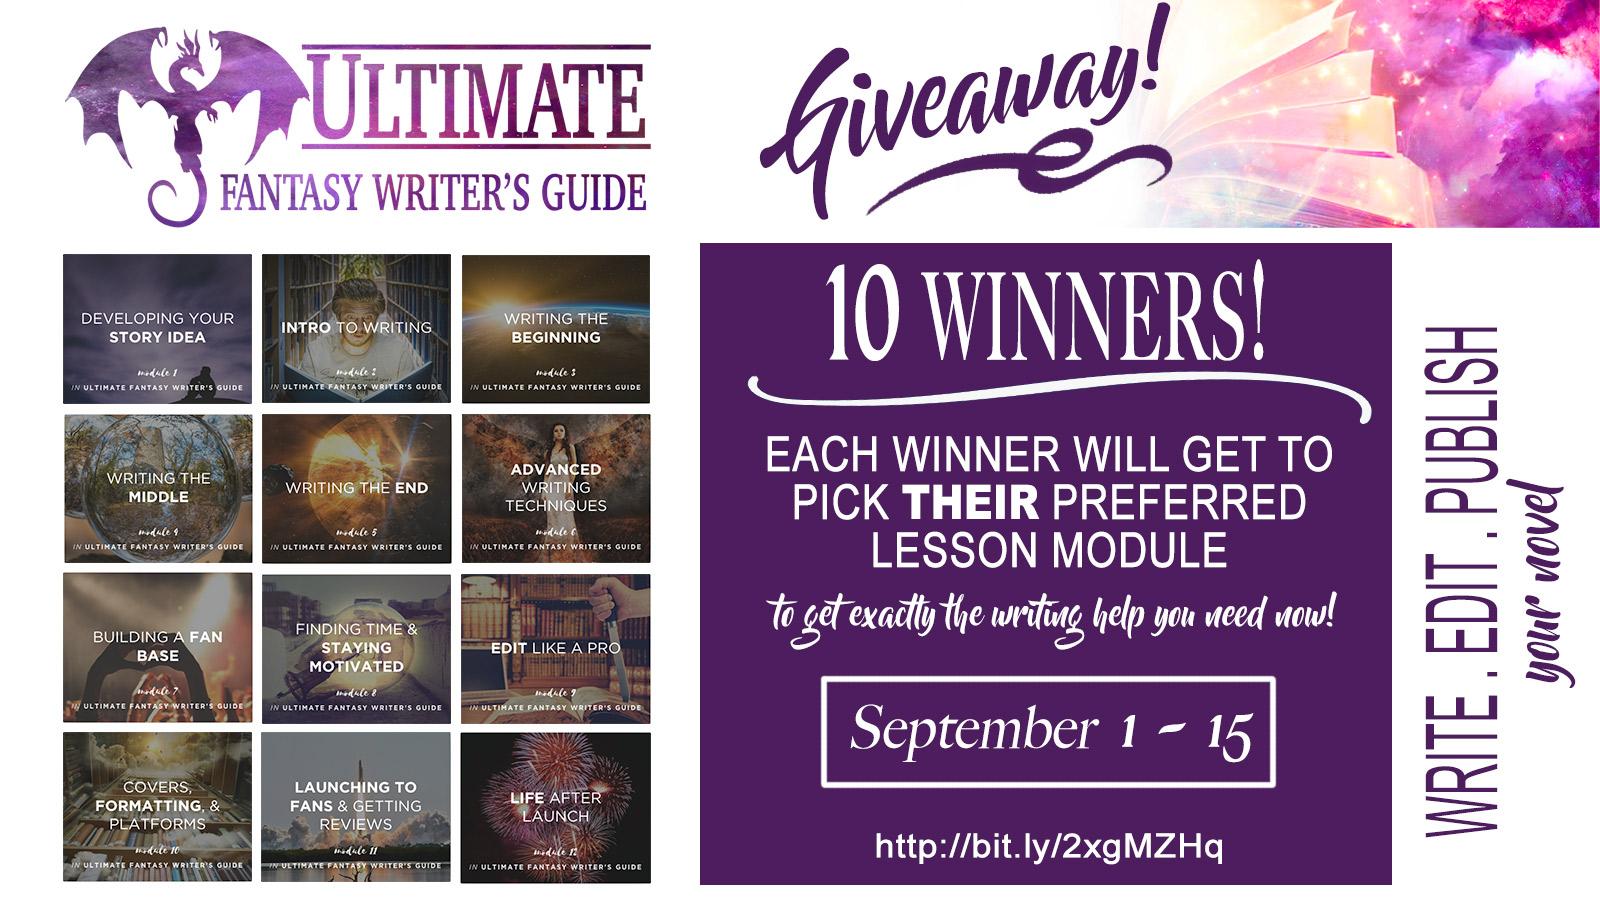 Enter the Ultimate Fantasy Writer's Guide Mega Giveaway!